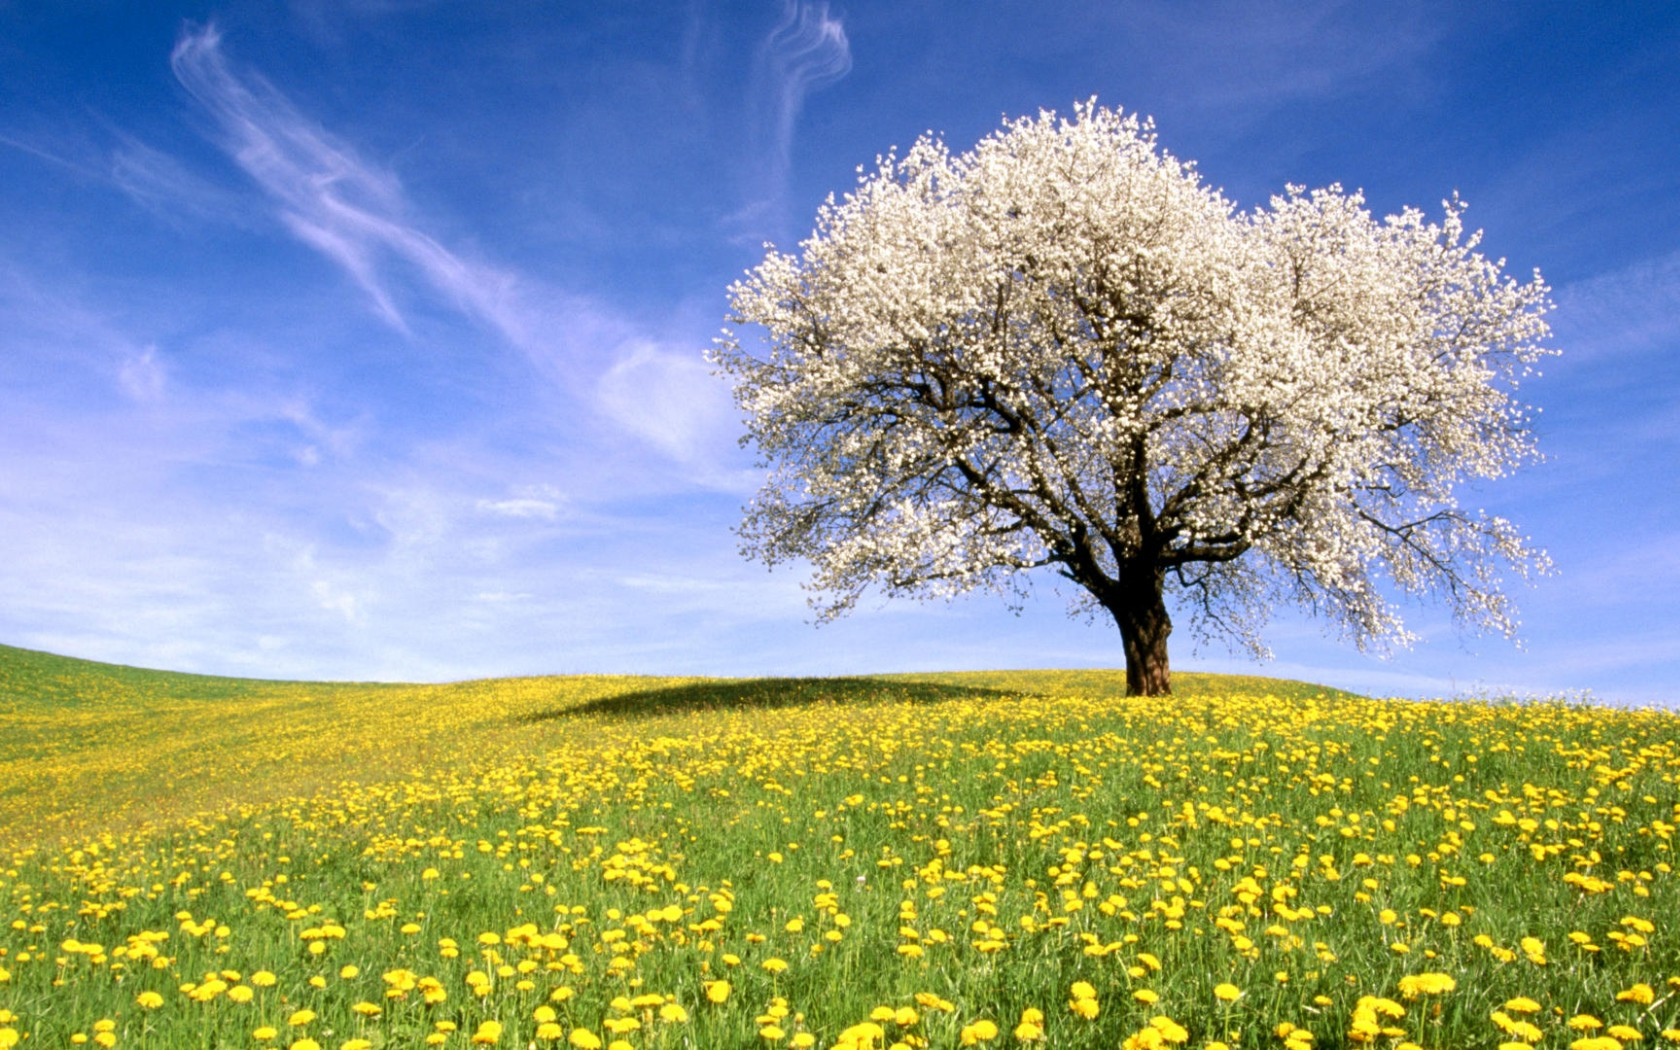 Tendenza stagionale primavera 2017 pagina 5 - Franca raimondi aprite le finestre ...